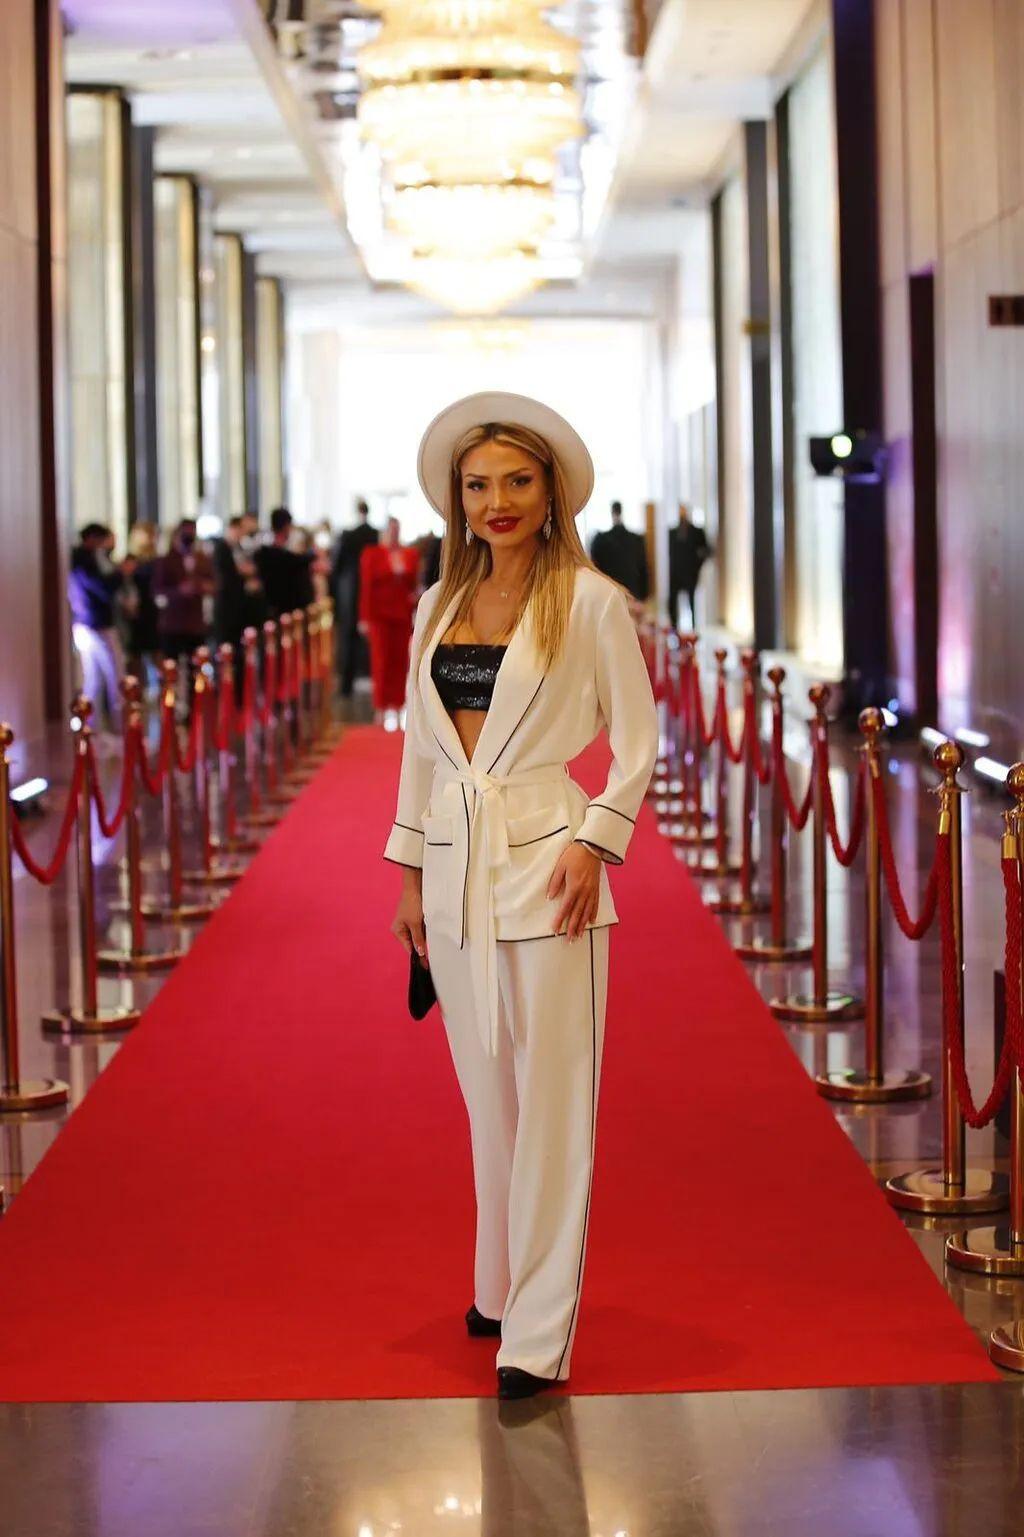 Ünlü sunucu Medina Abdullayeva yılın en iyisi seçildi - Sayfa 3